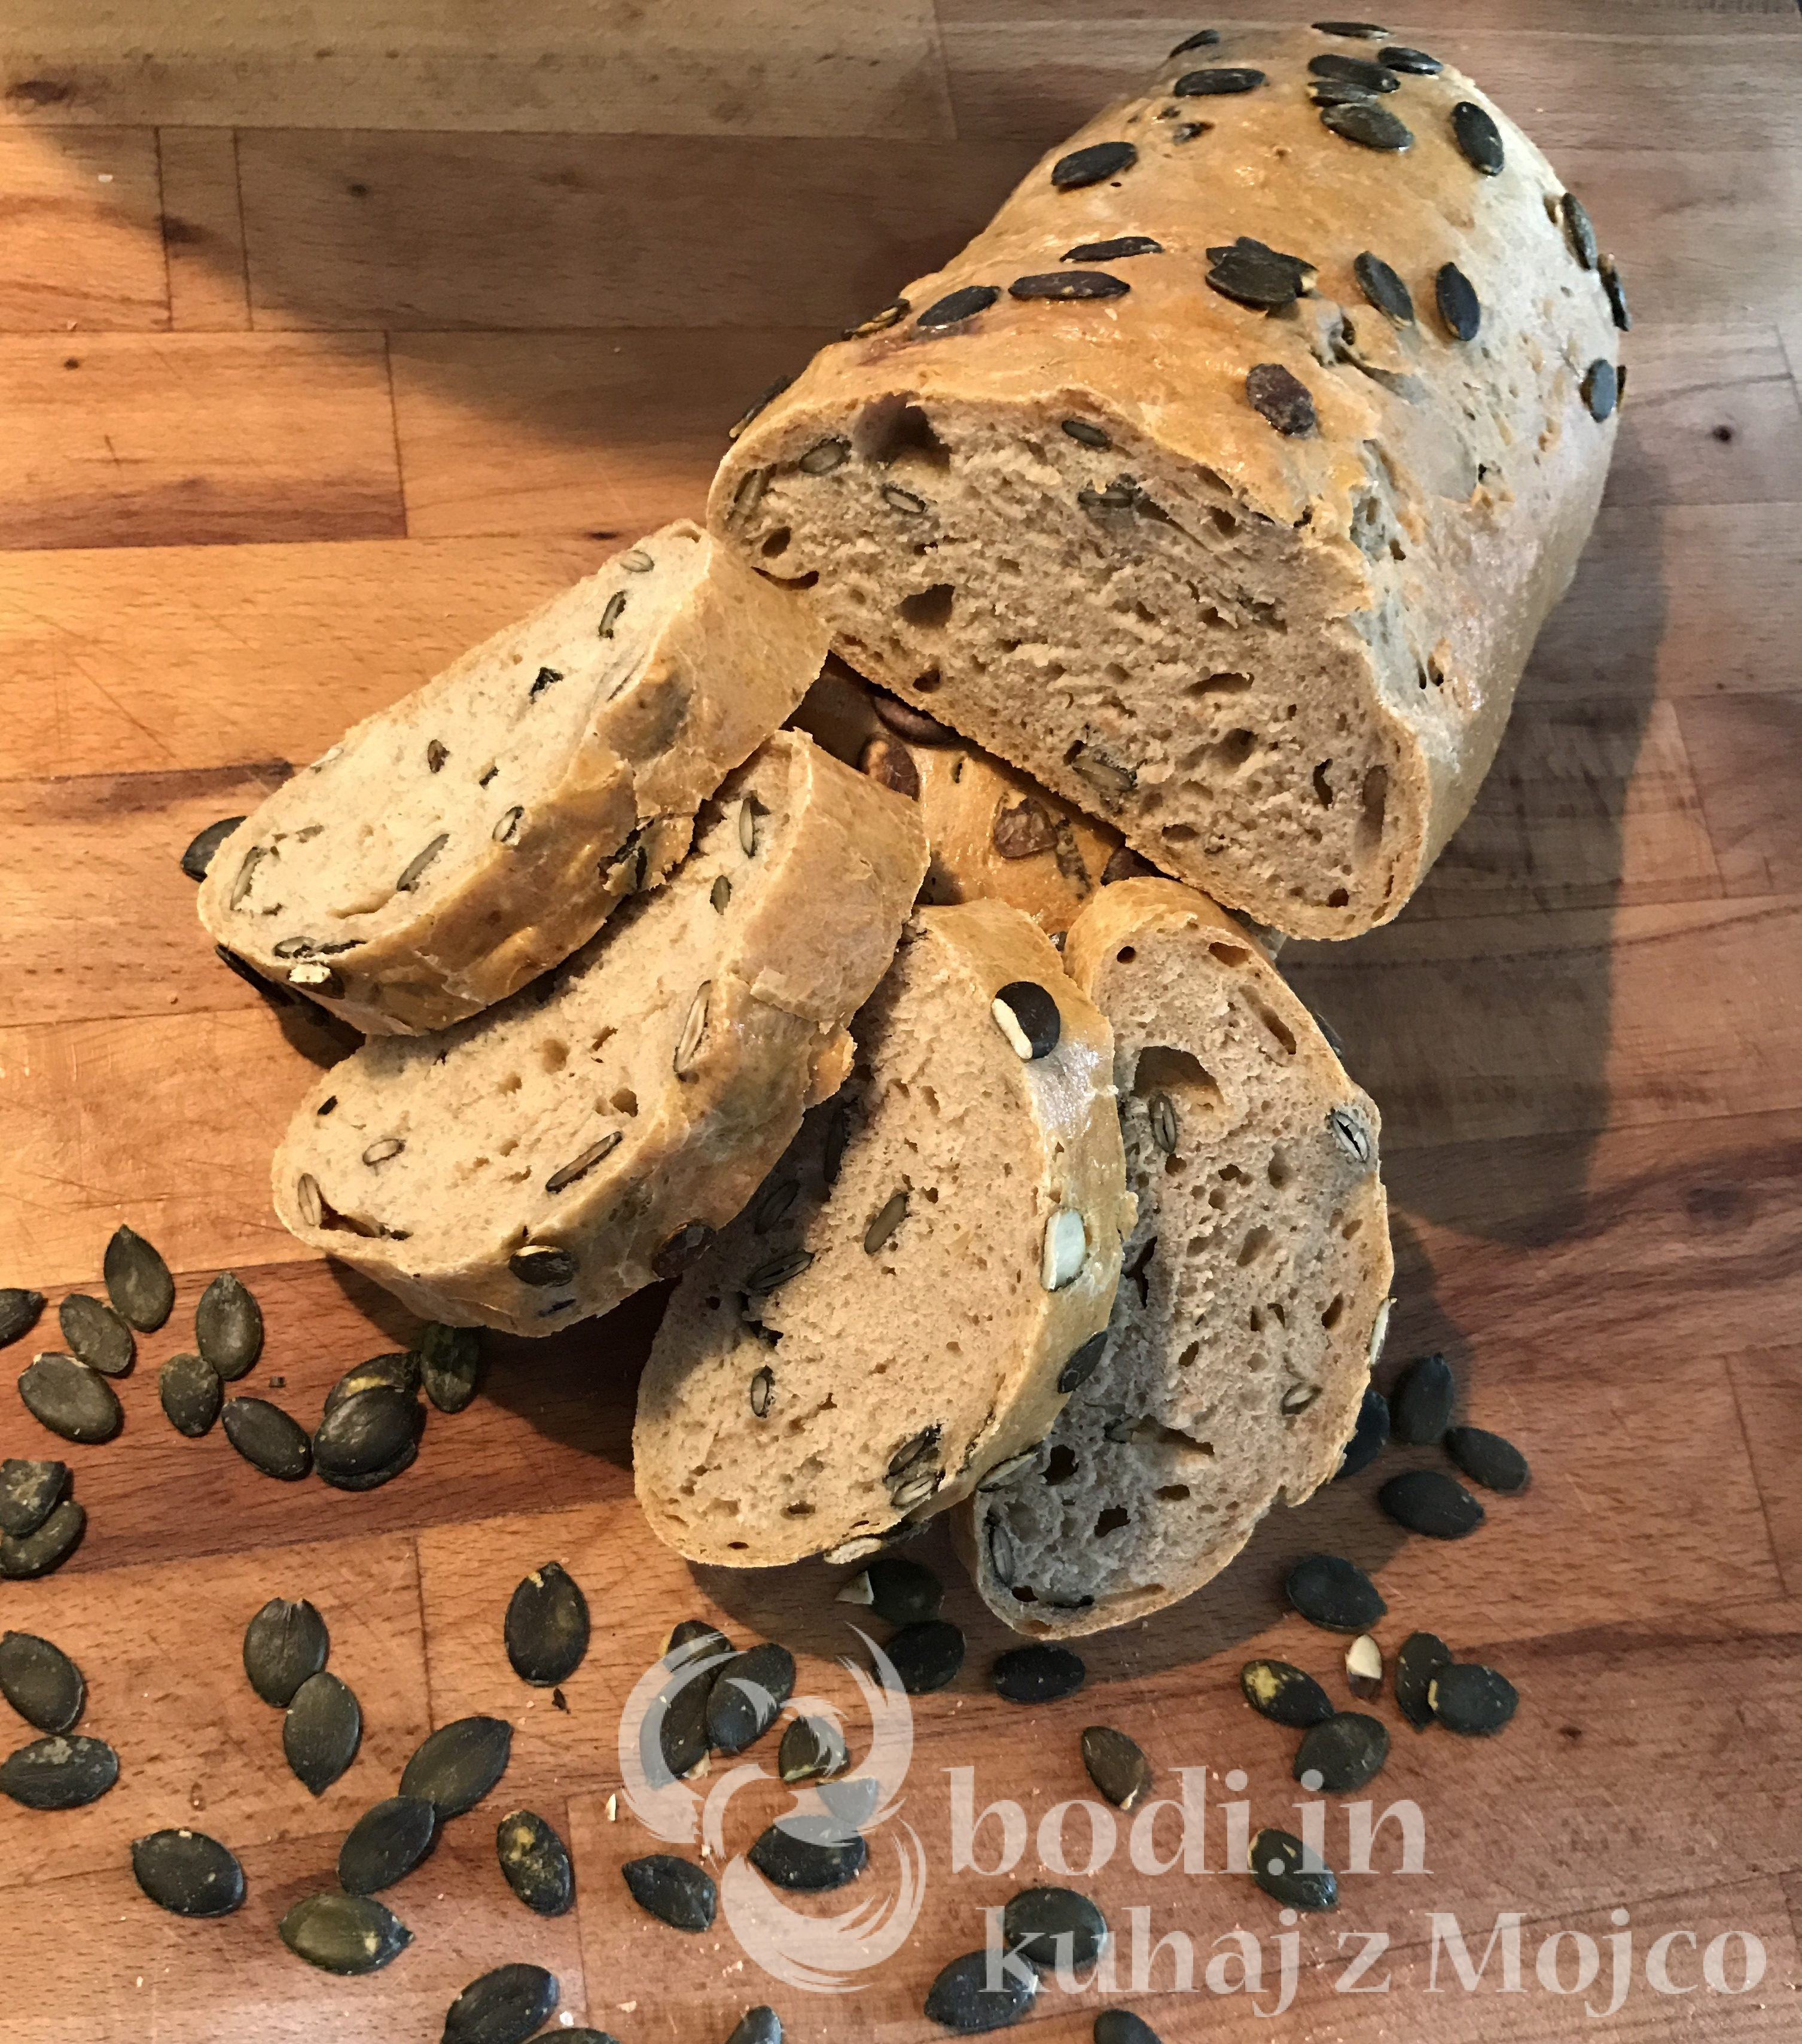 Kruh iz pražit s sončničnimi semeni